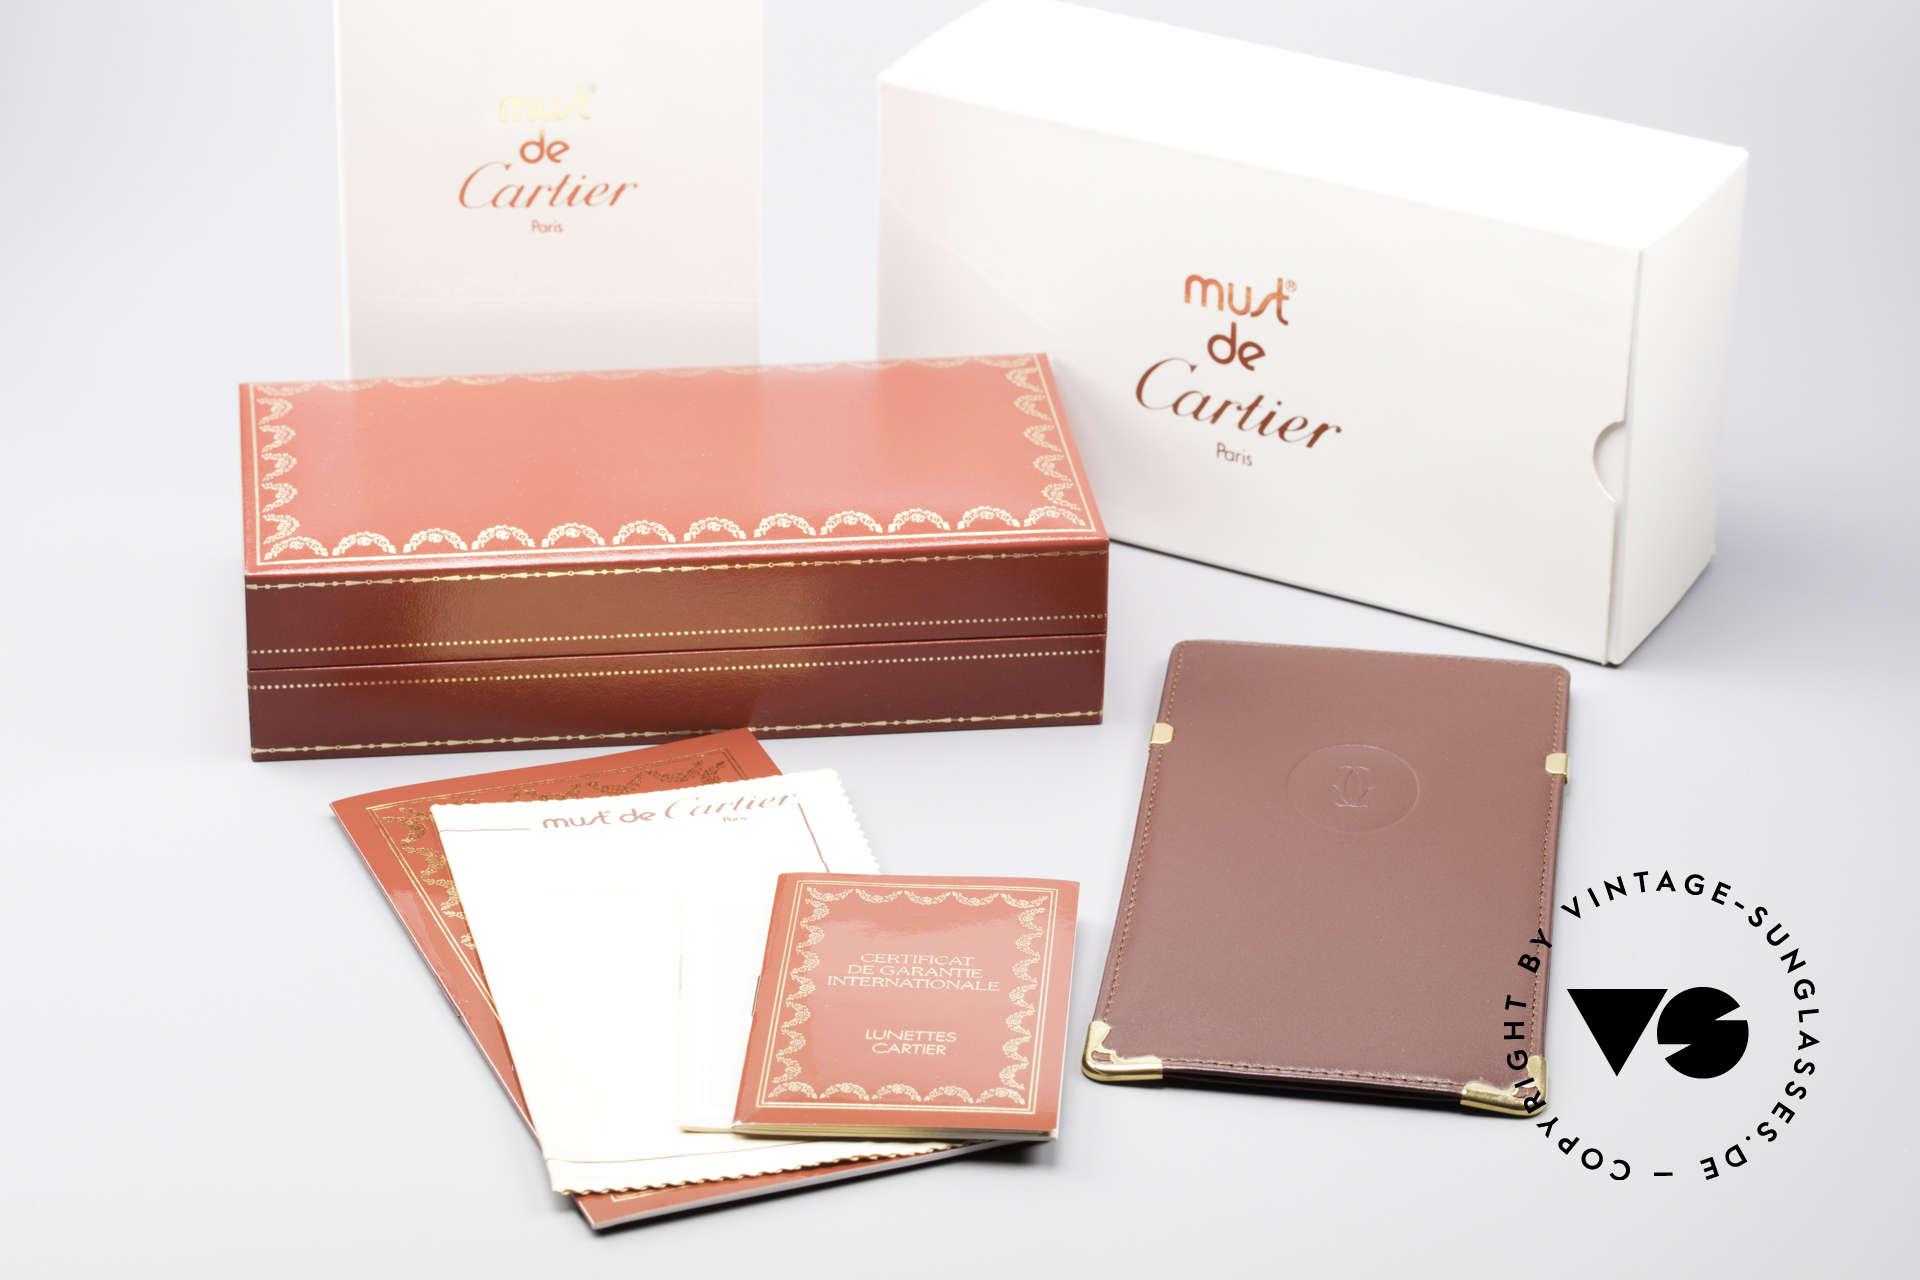 Cartier Vendome LC - L Changeable Cartier Sun Lenses, Size: large, Made for Men